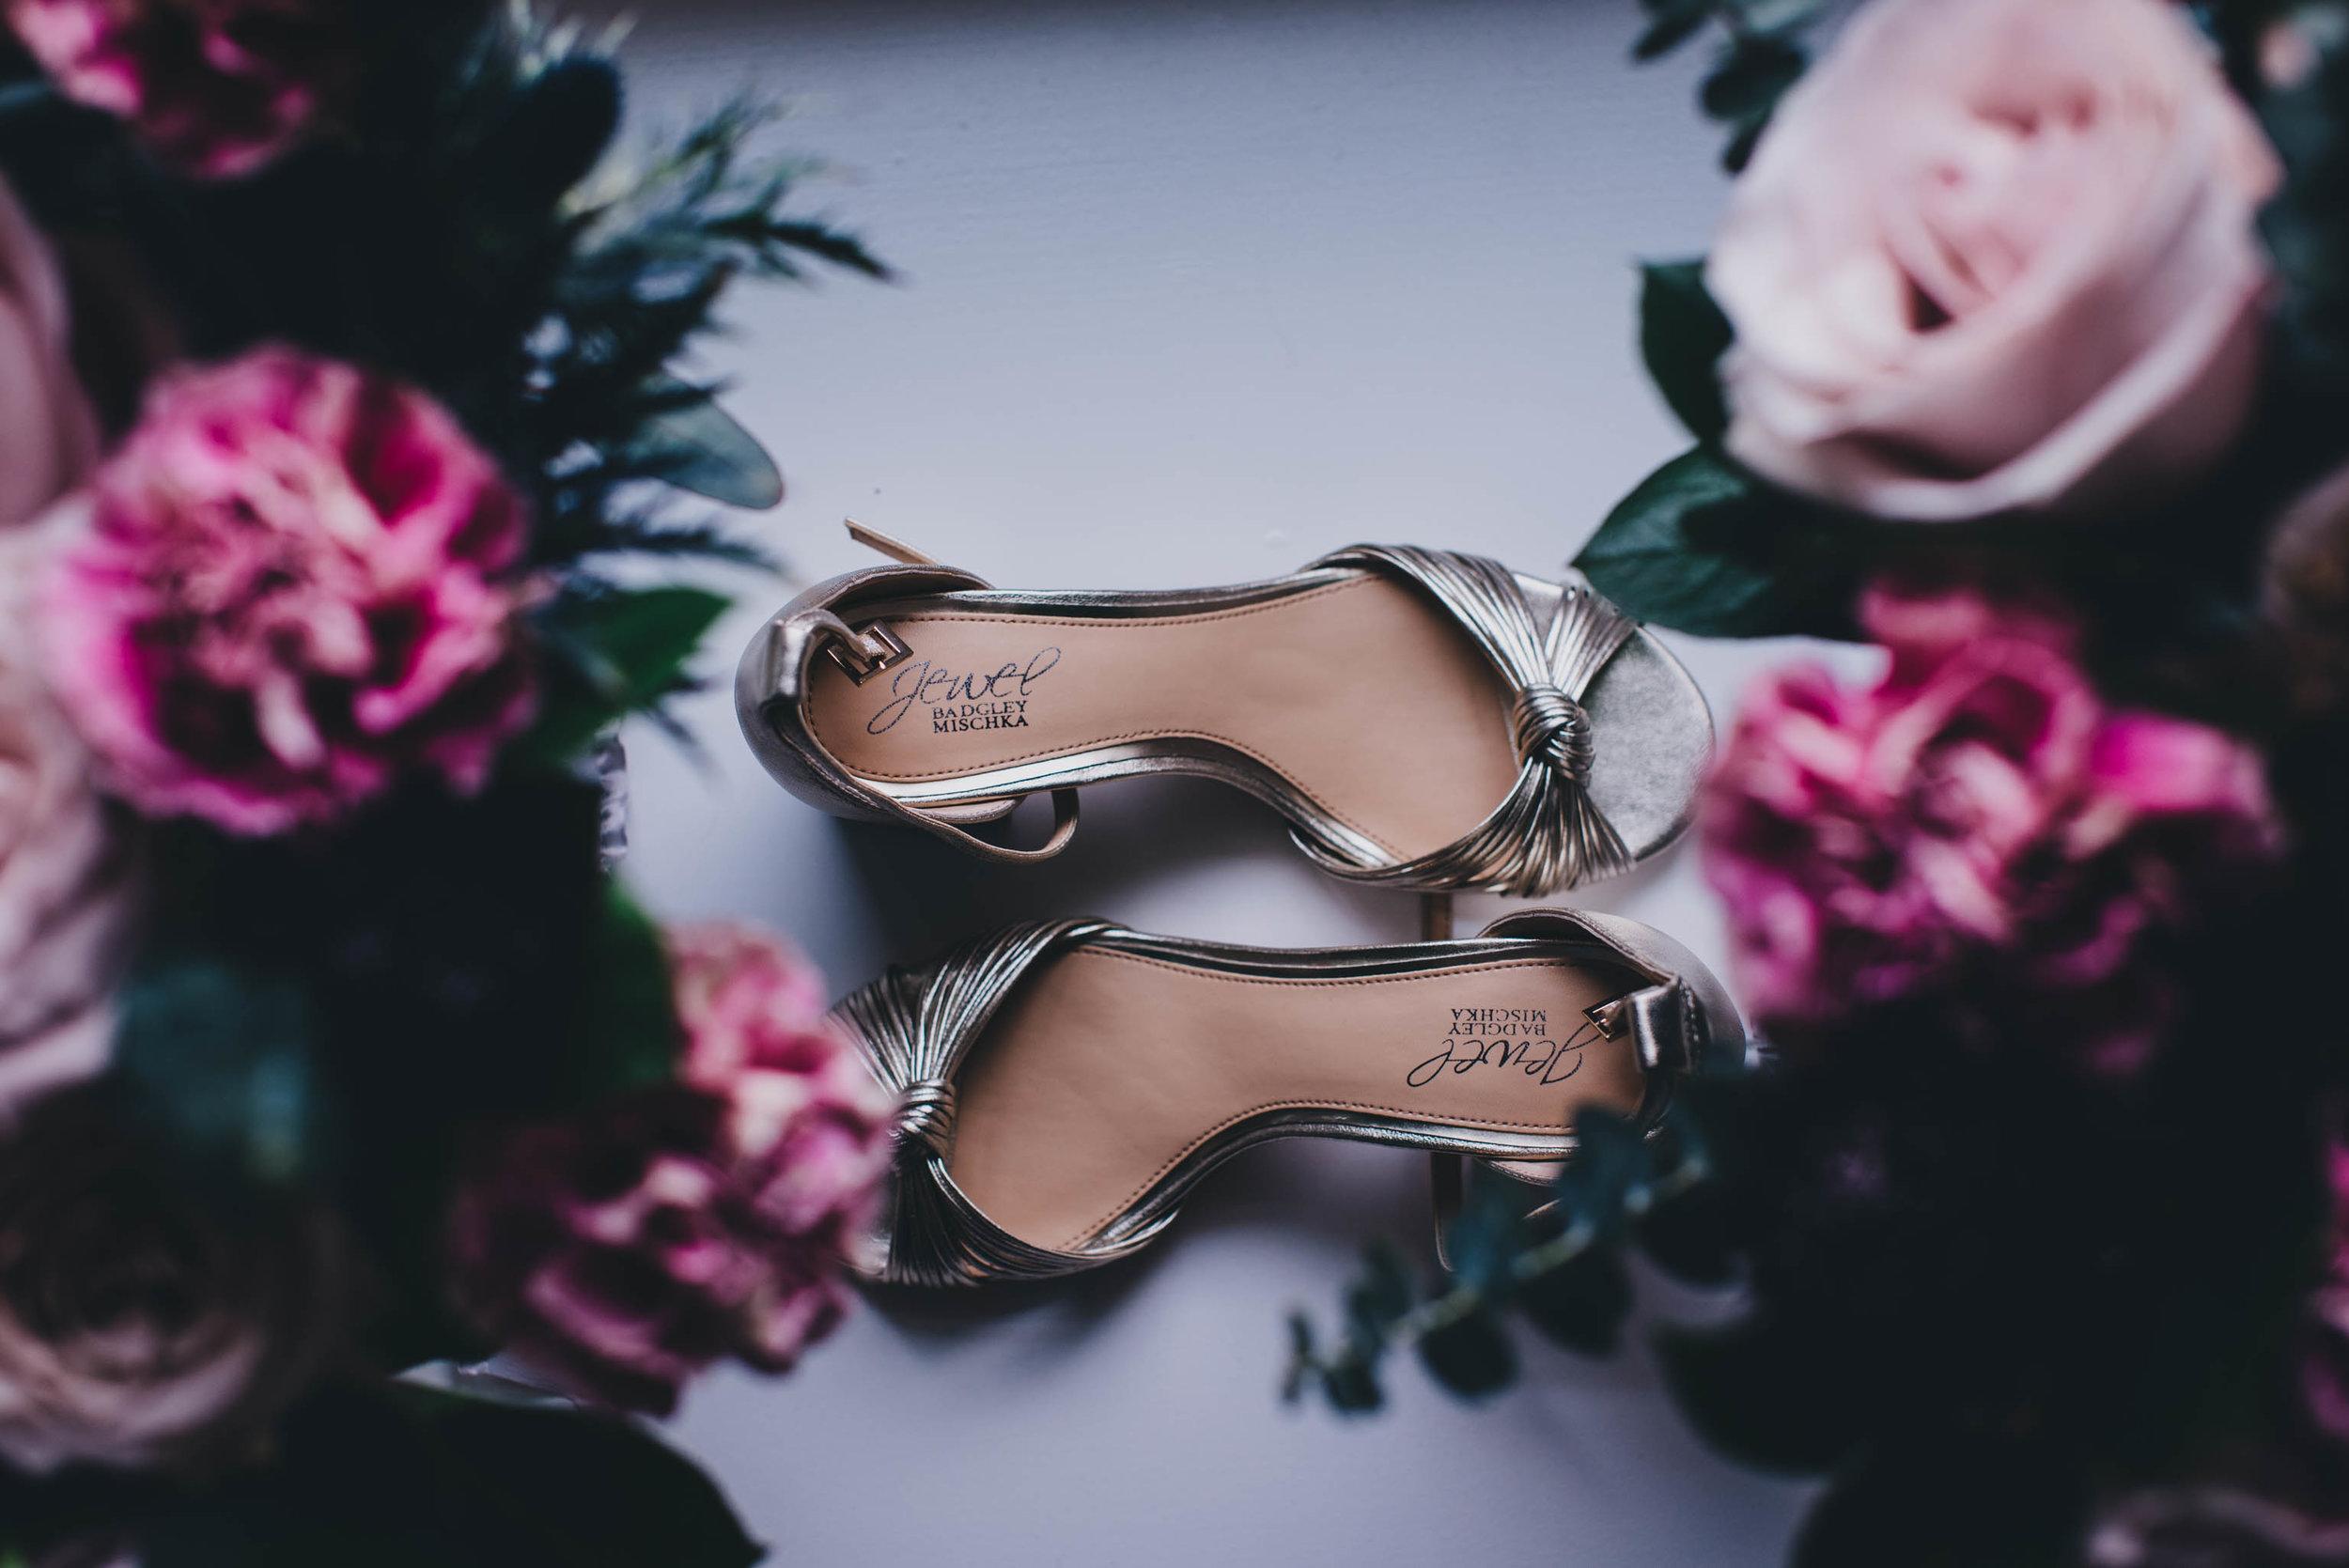 bride's shoe details with bouquets